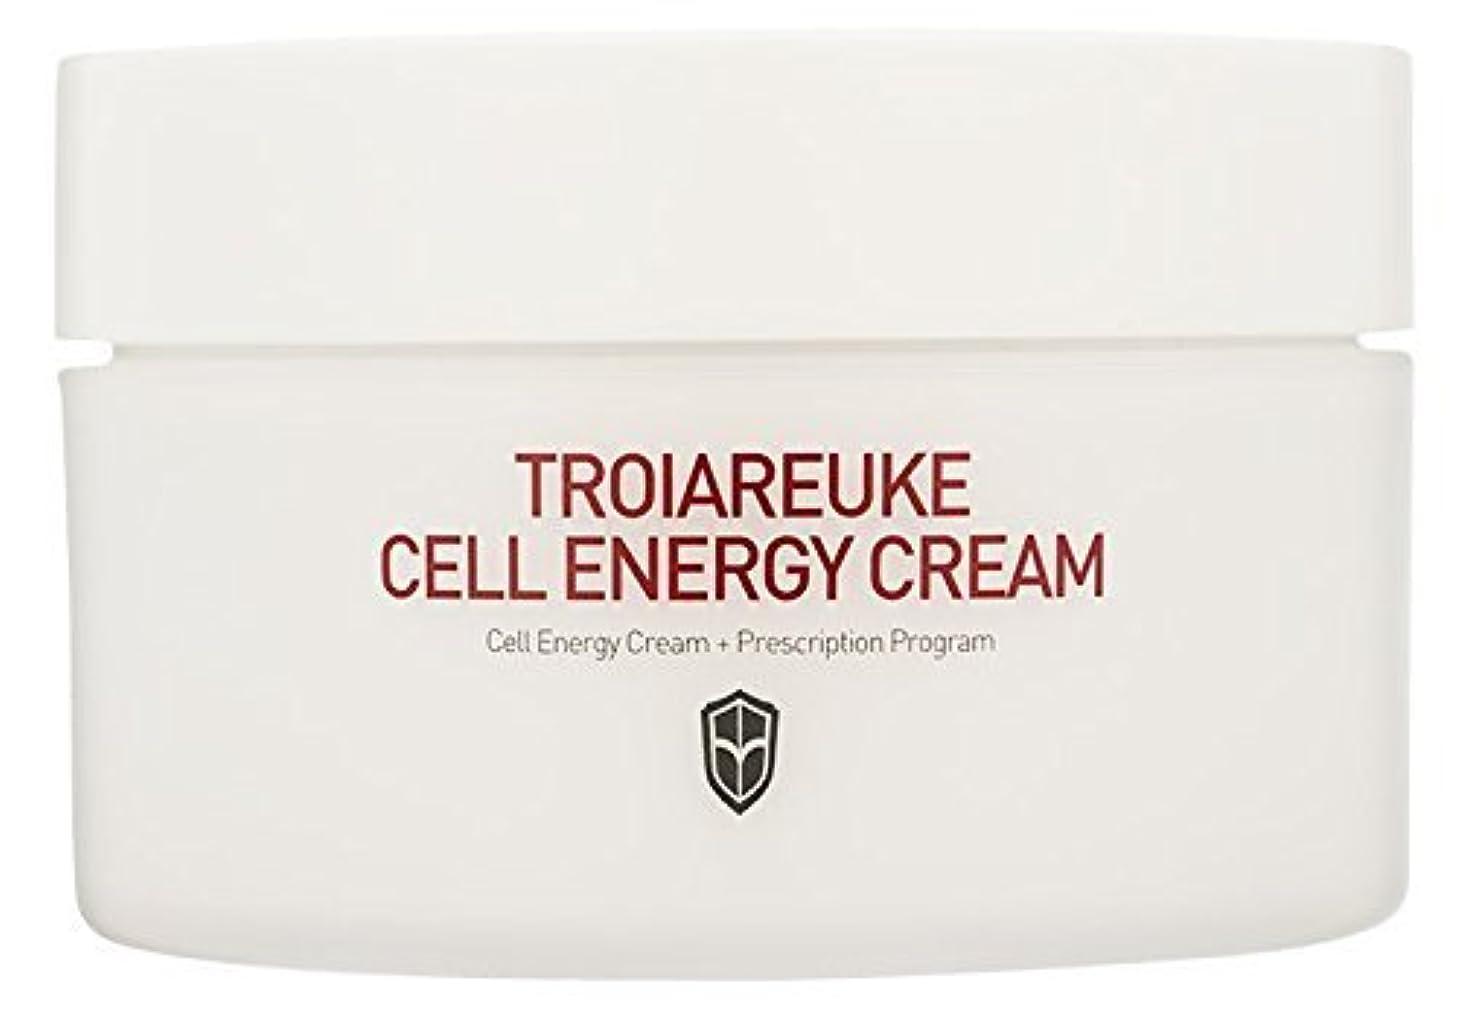 首相やめる明日TROIAREUKE セル エネルギー クリーム / Cell Energy Cream (125ml) [並行輸入品]